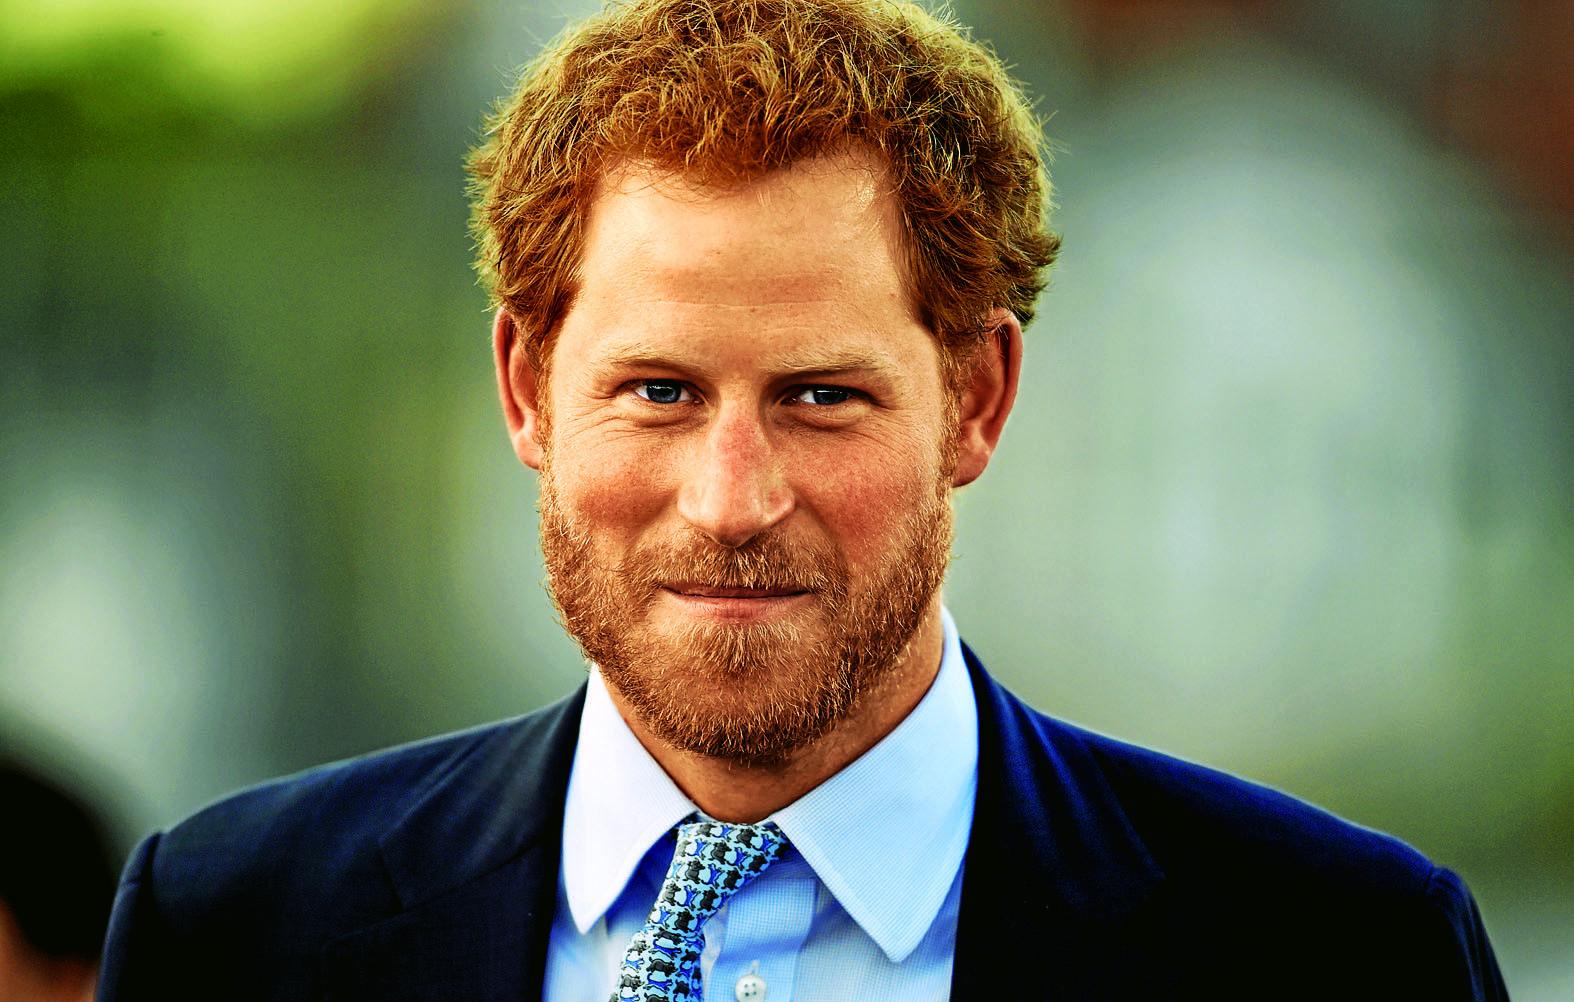 Звонок другу: о чем говорили принц Гарри и его бывшая девушка накануне свадьбы?